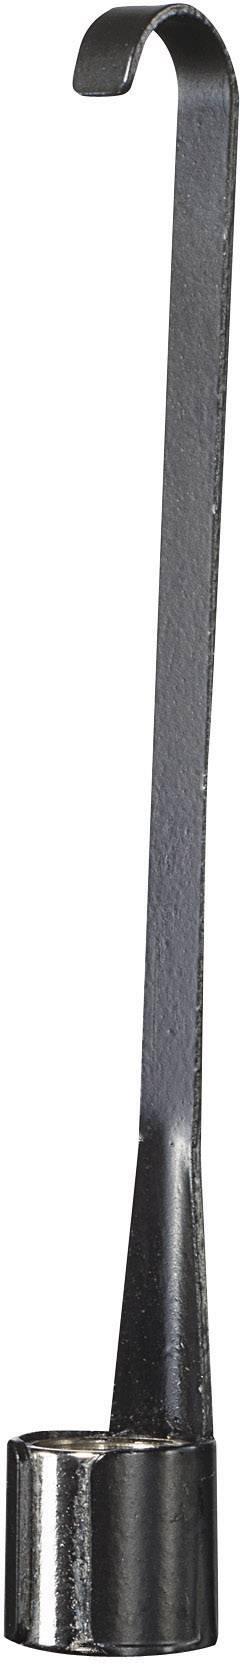 Háčik pre sondy Voltcraft s Ø 5.5 mm